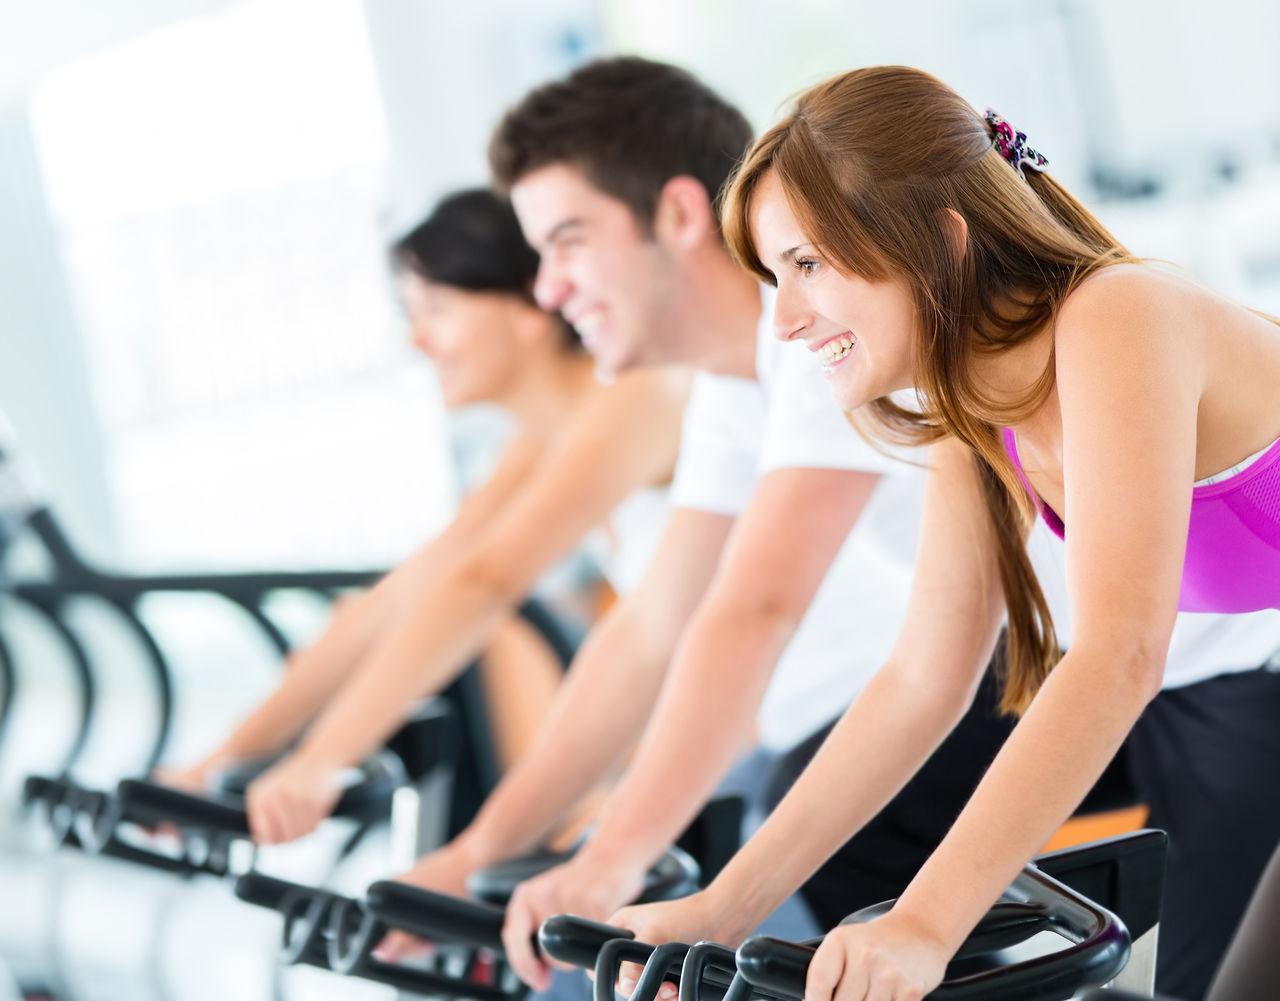 эко слим отзывы для похудения отрицательные